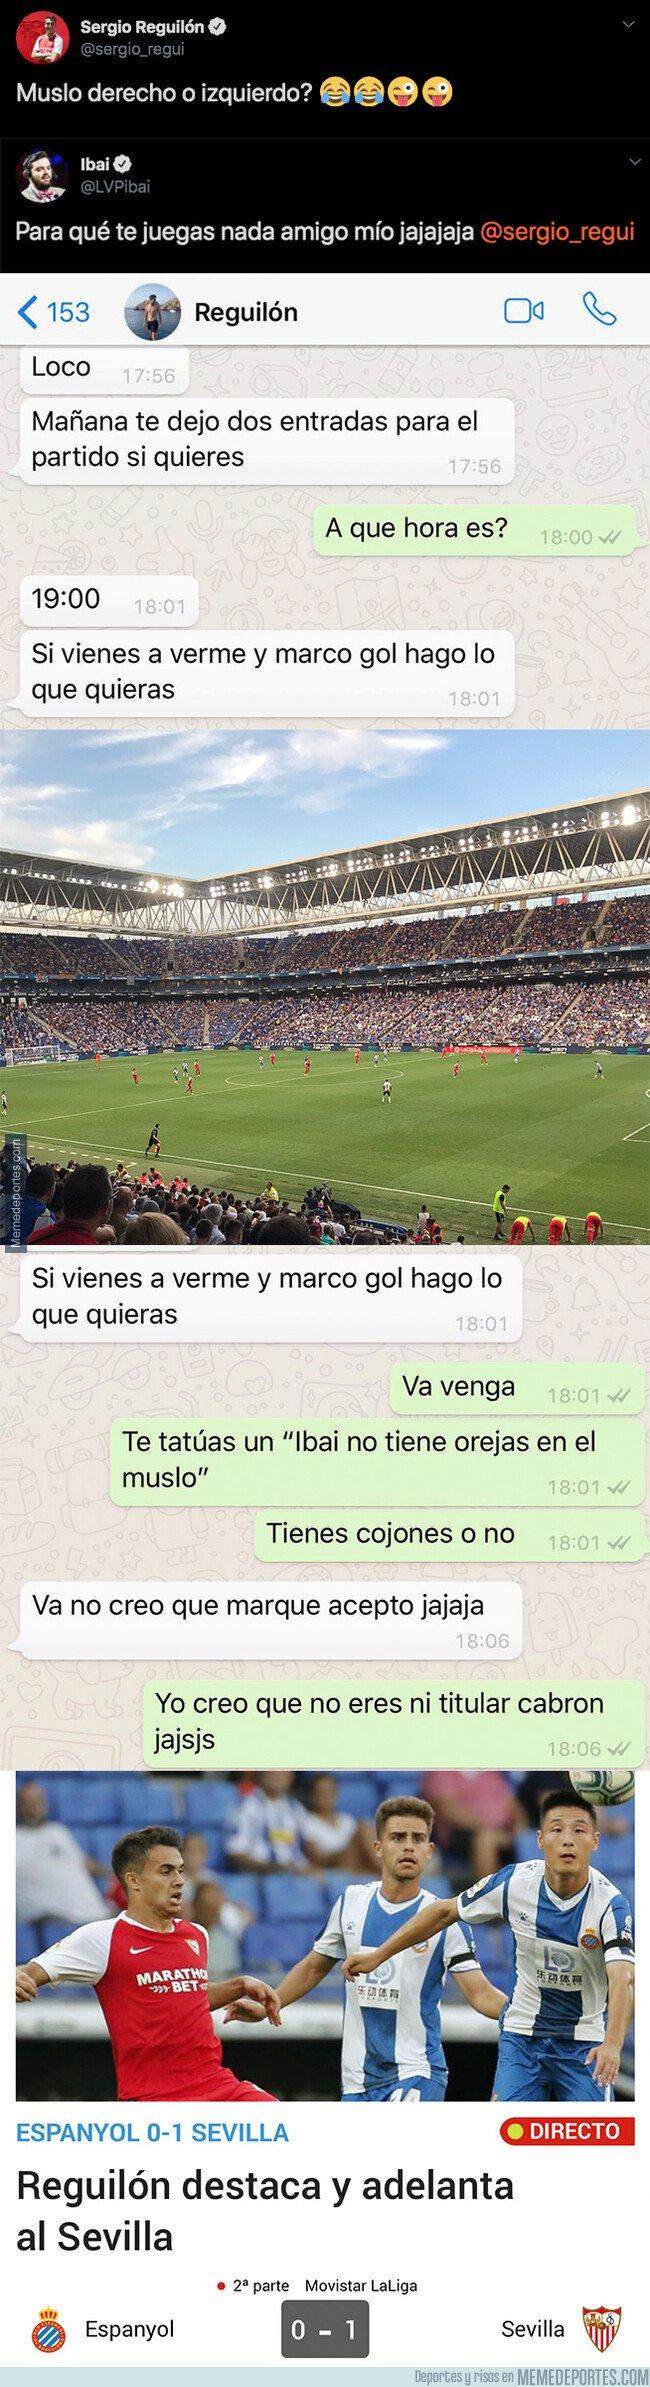 1083746 - Ibai Llanos desafía a Reguilón a marcar gol con el Sevilla y deberá hacer esto tras haber perdido la apuesta